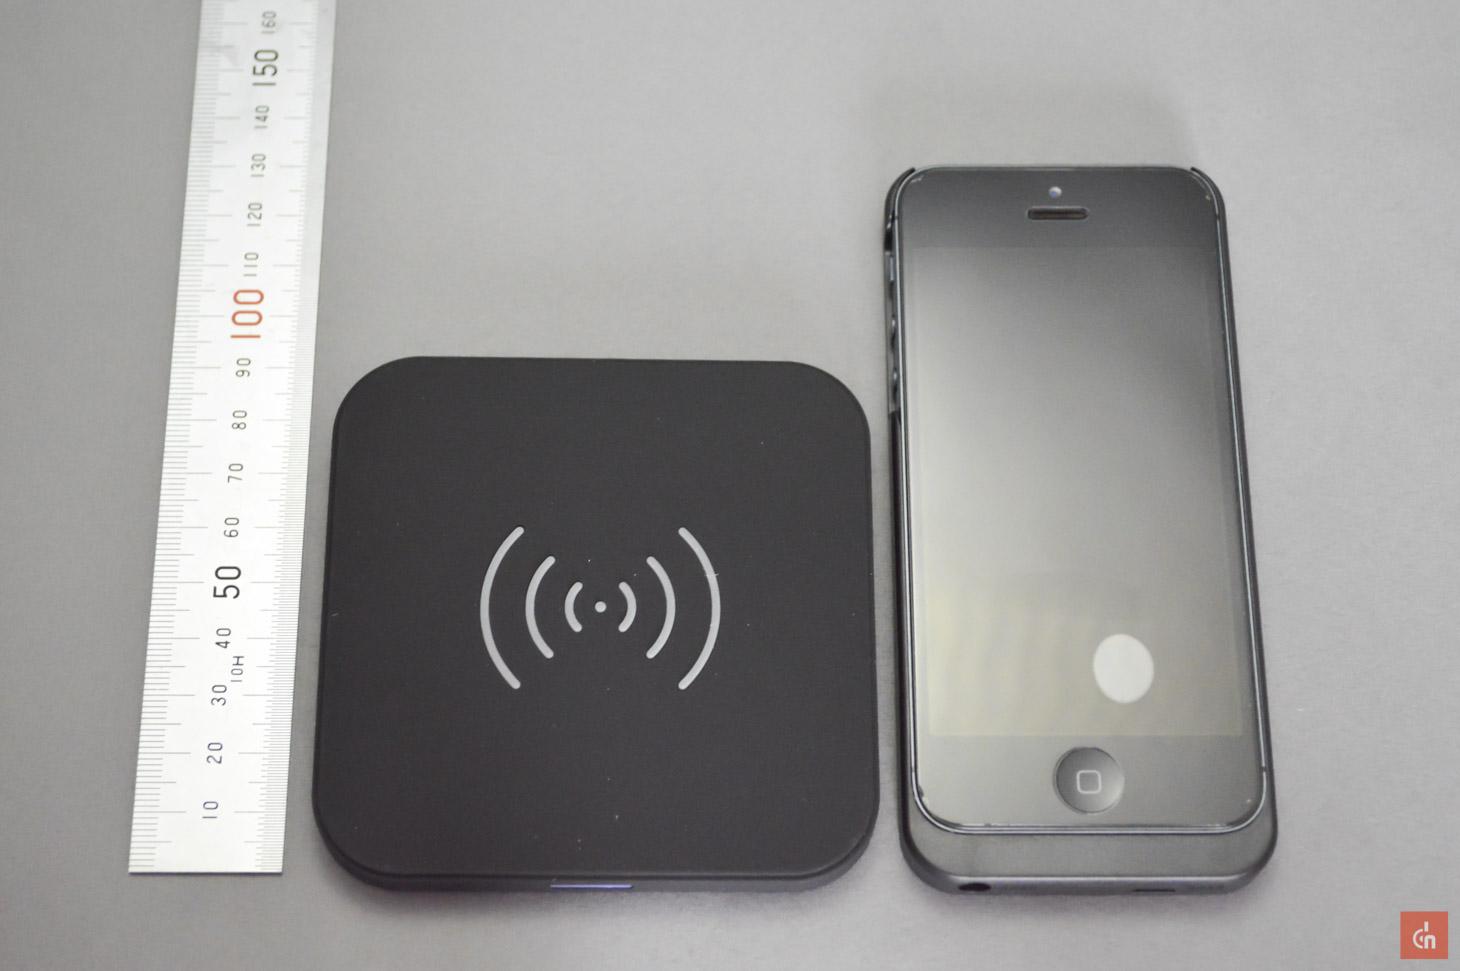 021_20160319_chotech-iphone5-qi